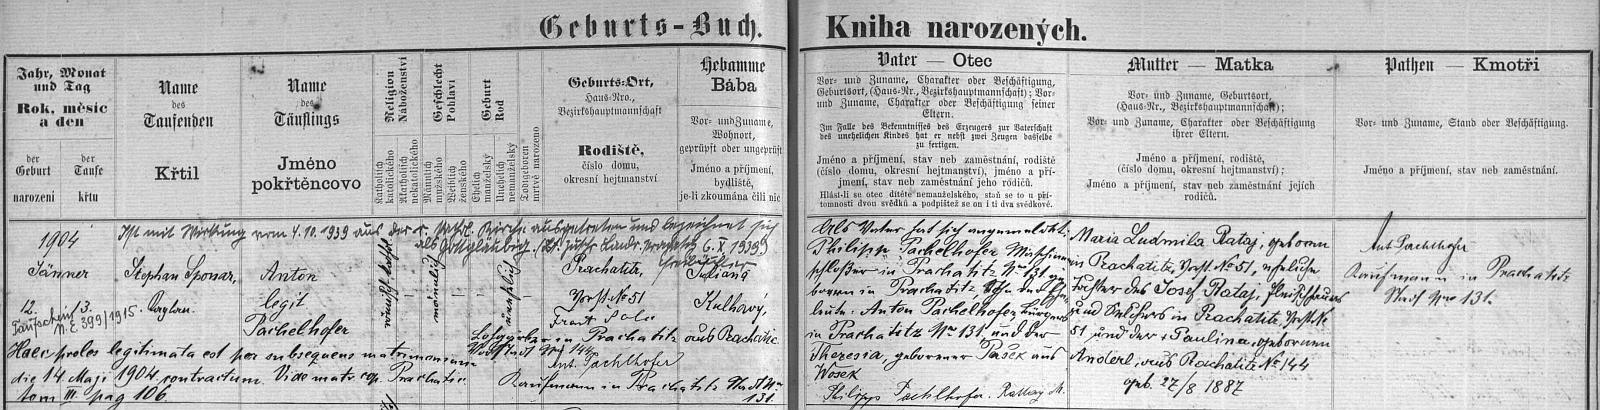 """Narodil se podle záznamu v prachatické matrice 12. ledna roku 1904 v domě čp. 51 matce Marii Ludmile Ratajové rodem z téhož domu (její otec Josef Rataj tam měl řeznictví, matka Paulina, roz. Anderlová, byla rovněž z Prachatic), jako otec se ohlásil (angemeldet) Philipp Pachelhofer, syn Antona Pachelhofera a jeho ženy Theresie, roz. Paškové z Oseku - od října 1939 vystoupil pětatřicetiletý tehdy Pachelhofer z katolické církve (dále je veden jen jako """"gottgläubig"""", tj. """"věřícívBoha"""")"""